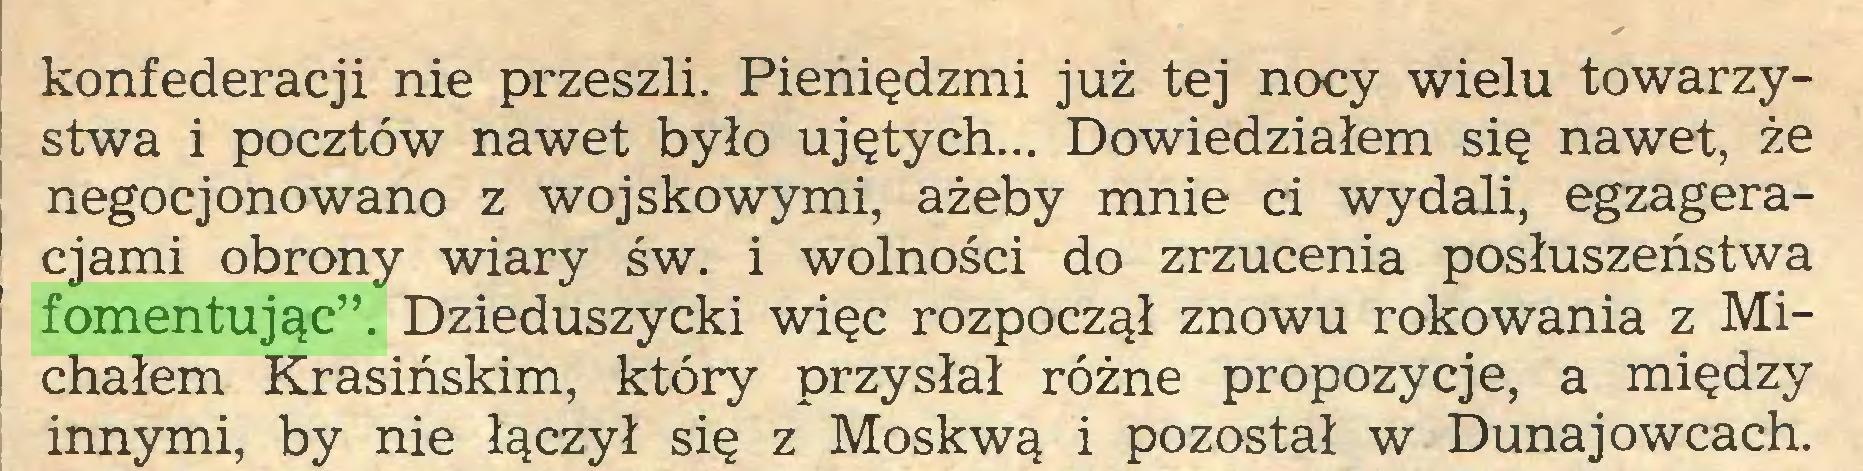 """(...) konfederacji nie przeszli. Pieniędzmi już tej nocy wielu towarzystwa i pocztów nawet było ujętych... Dowiedziałem się nawet, że negocjonowano z wojskowymi, ażeby mnie ci wydali, egzageracjami obrony wiary św. i wolności do zrzucenia posłuszeństwa fomentując"""". Dzieduszycki więc rozpoczął znowu rokowania z Michałem Krasińskim, który przysłał różne propozycje, a między innymi, by nie łączył się z Moskwą i pozostał w Dunaj owcach..."""